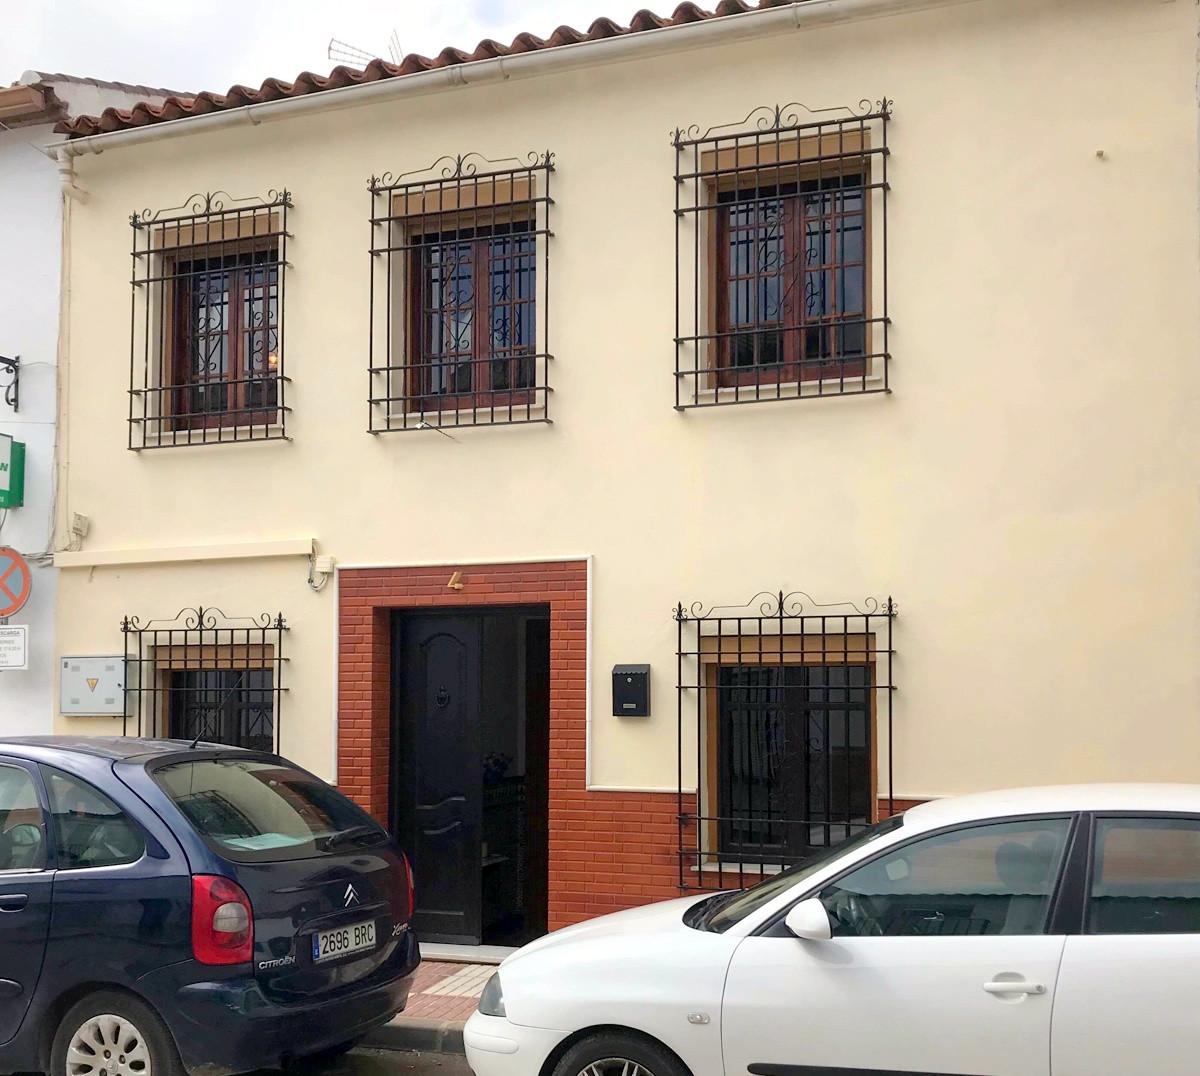 Maison Jumelée, Mitoyenne  en vente    à Fuente de Piedra